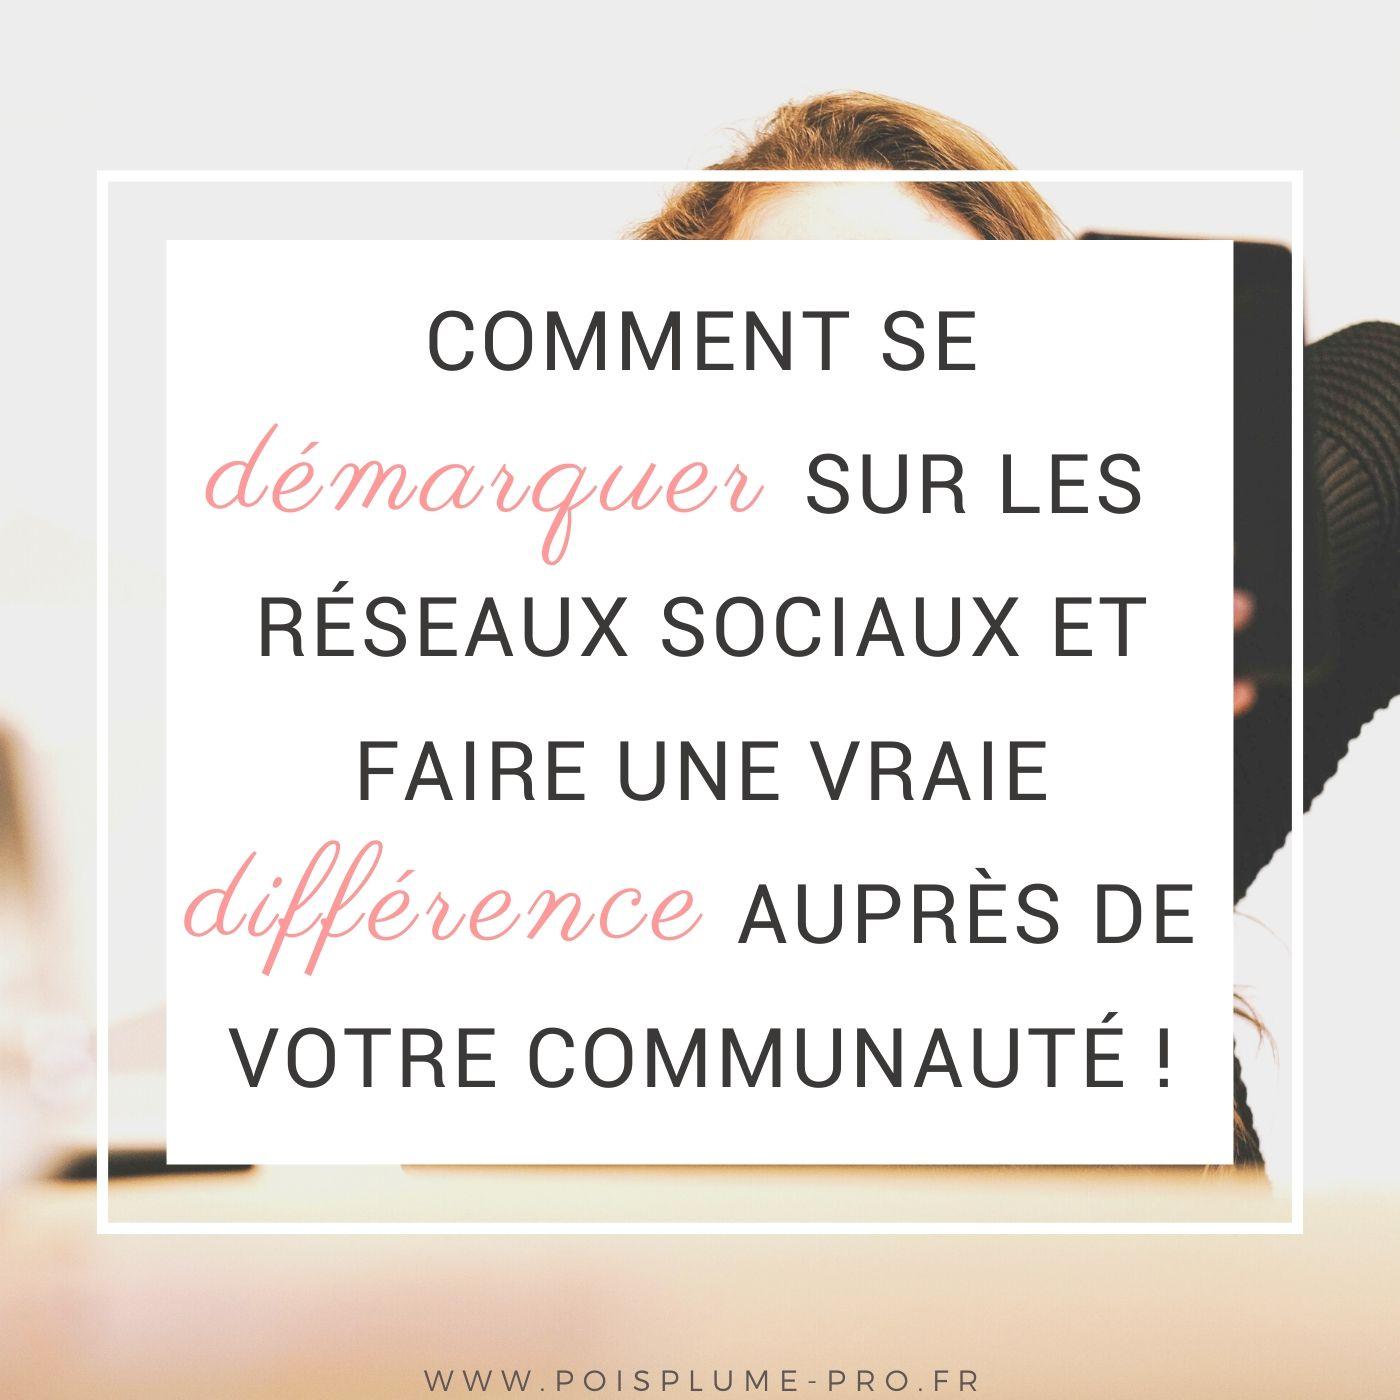 COMMENT Se démarquer sur les réseaux sociaux et faire une vraie différence auprès de votre communauté (2)